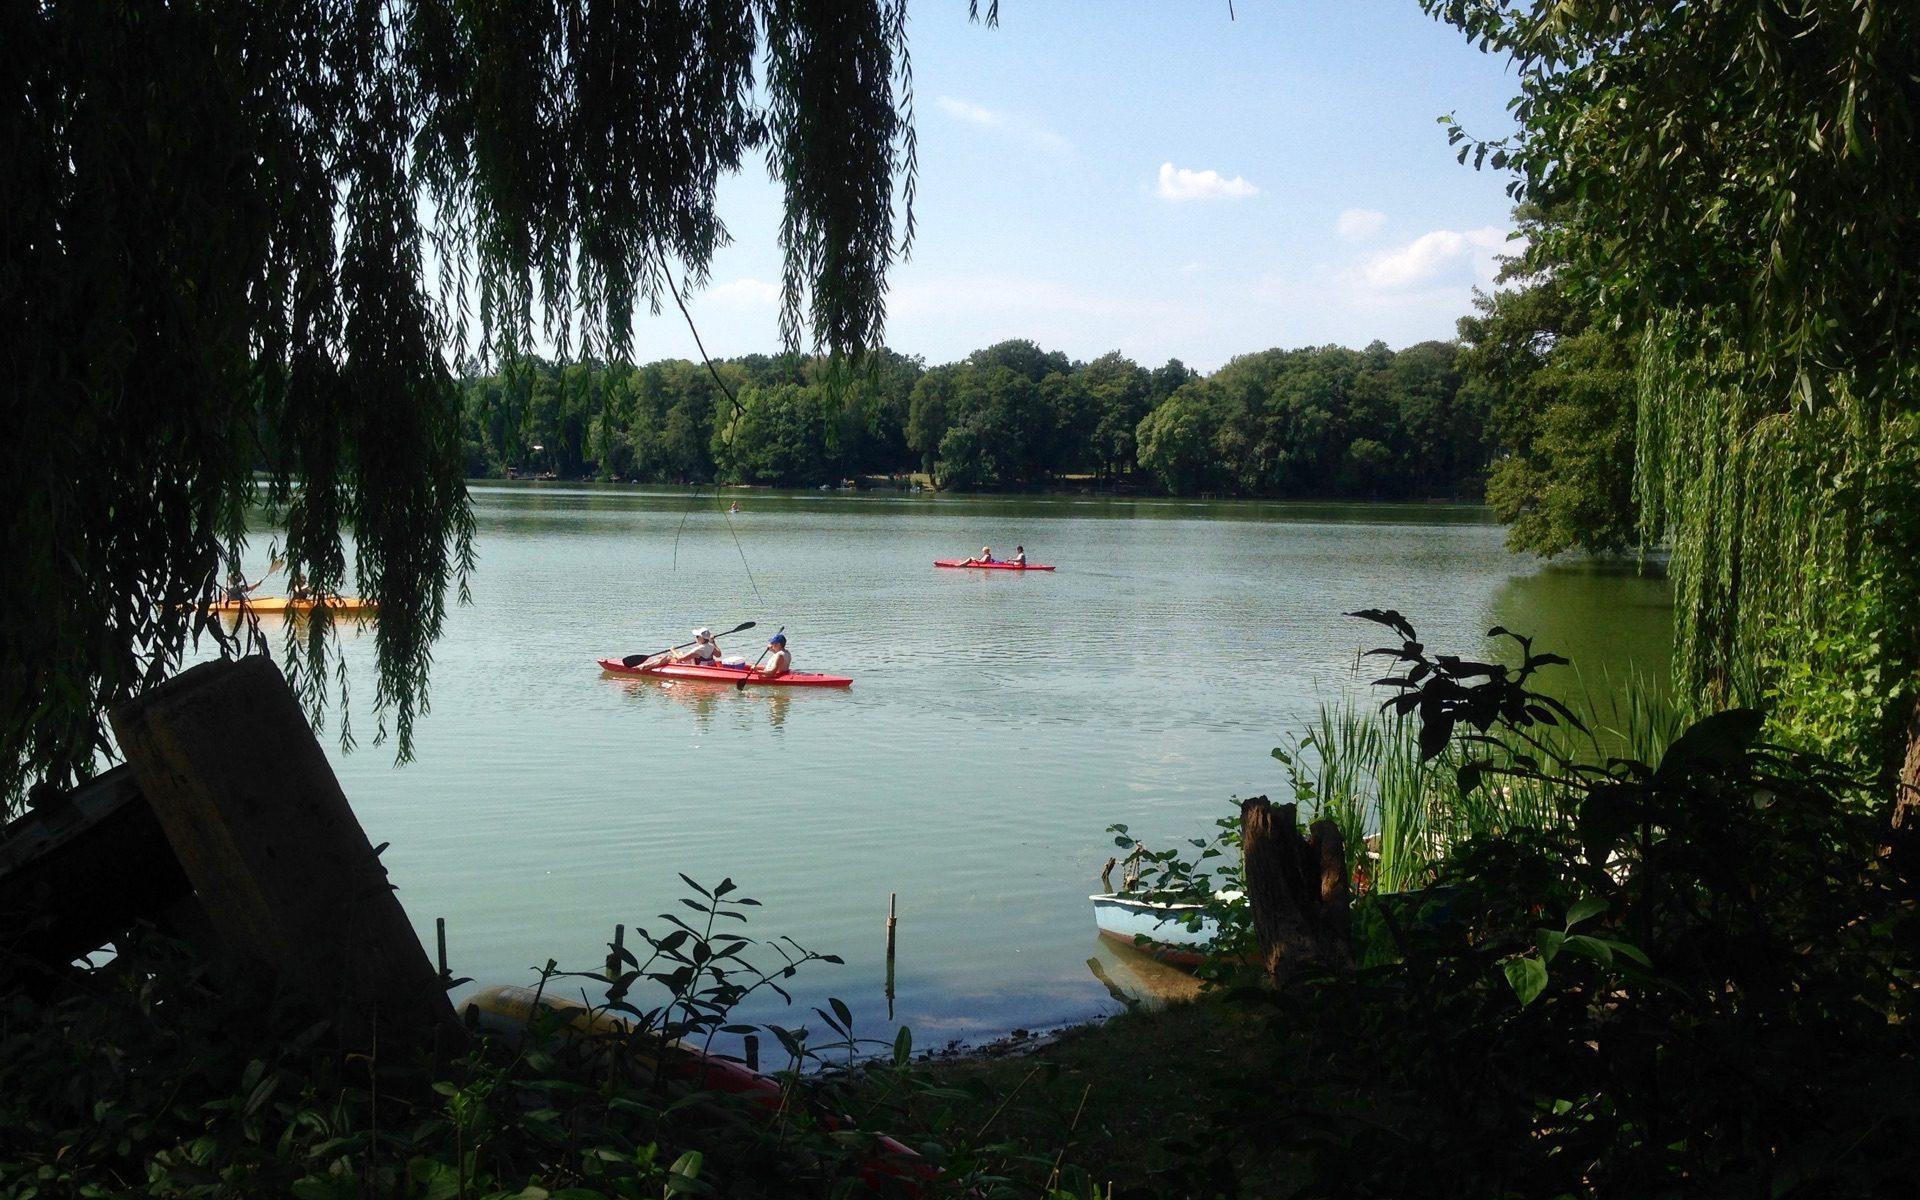 Geschenk Gutscheine Gutschein kaufen für Paddel Pit Bootsverleih bei Berlin am Motzener See und verschenken